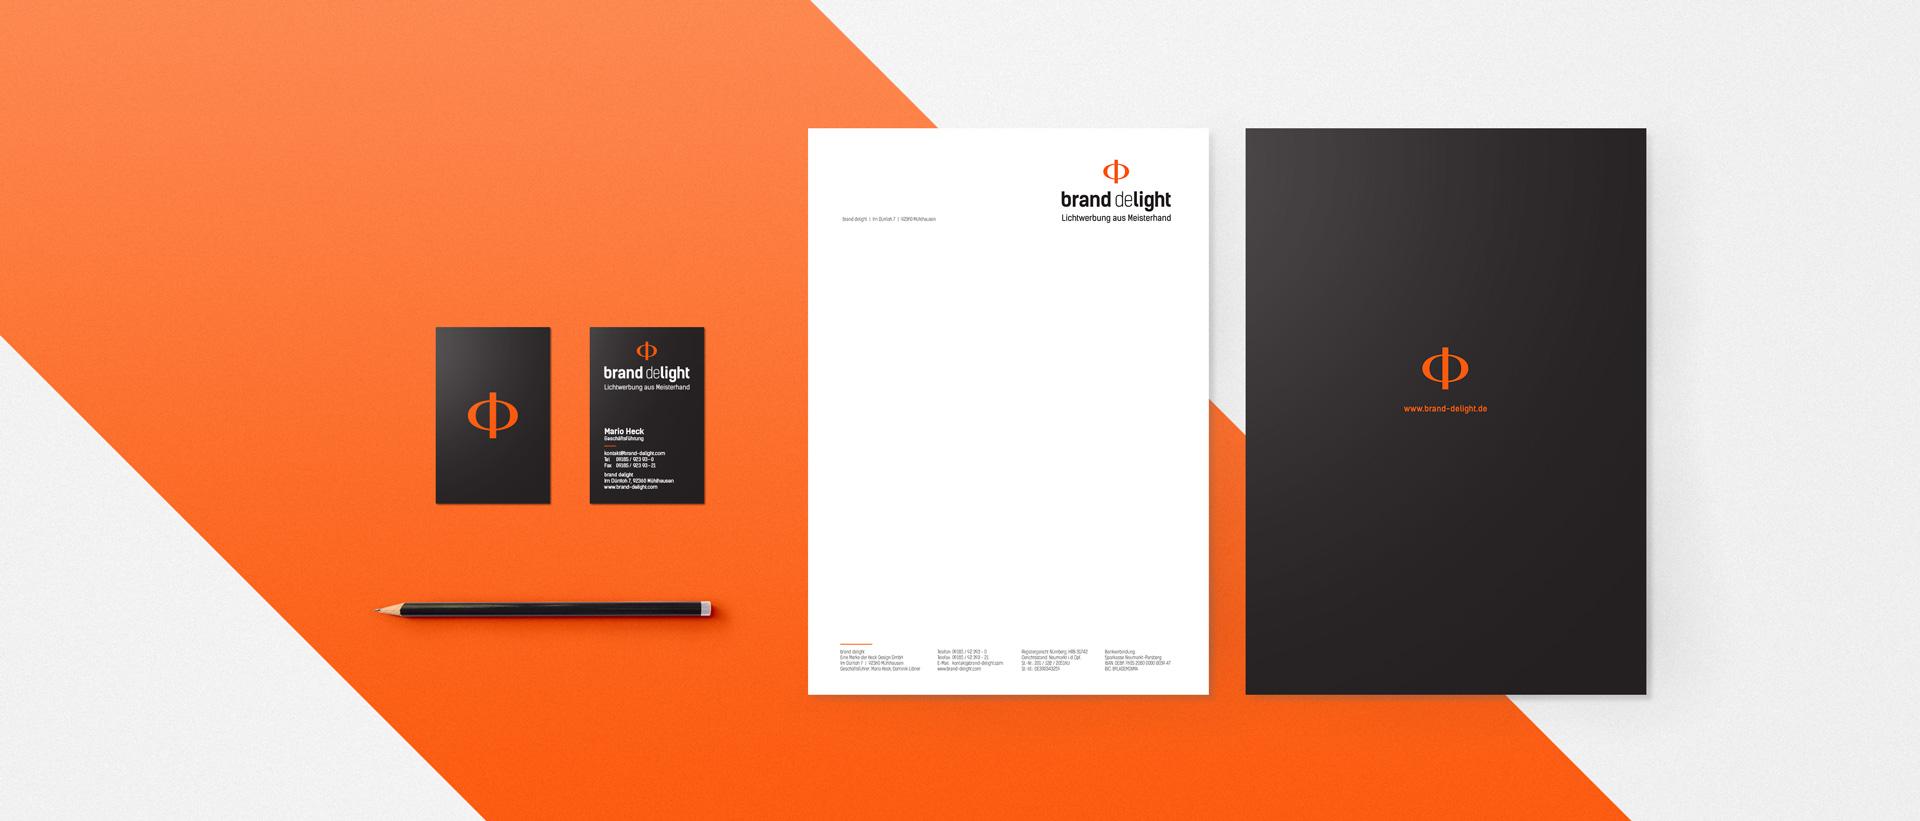 Für das Lichtwerbung-Startup Brand Delight konzipierte und realisierte REINGOLD das Corporate Design und den kompletten Markenauftritt.